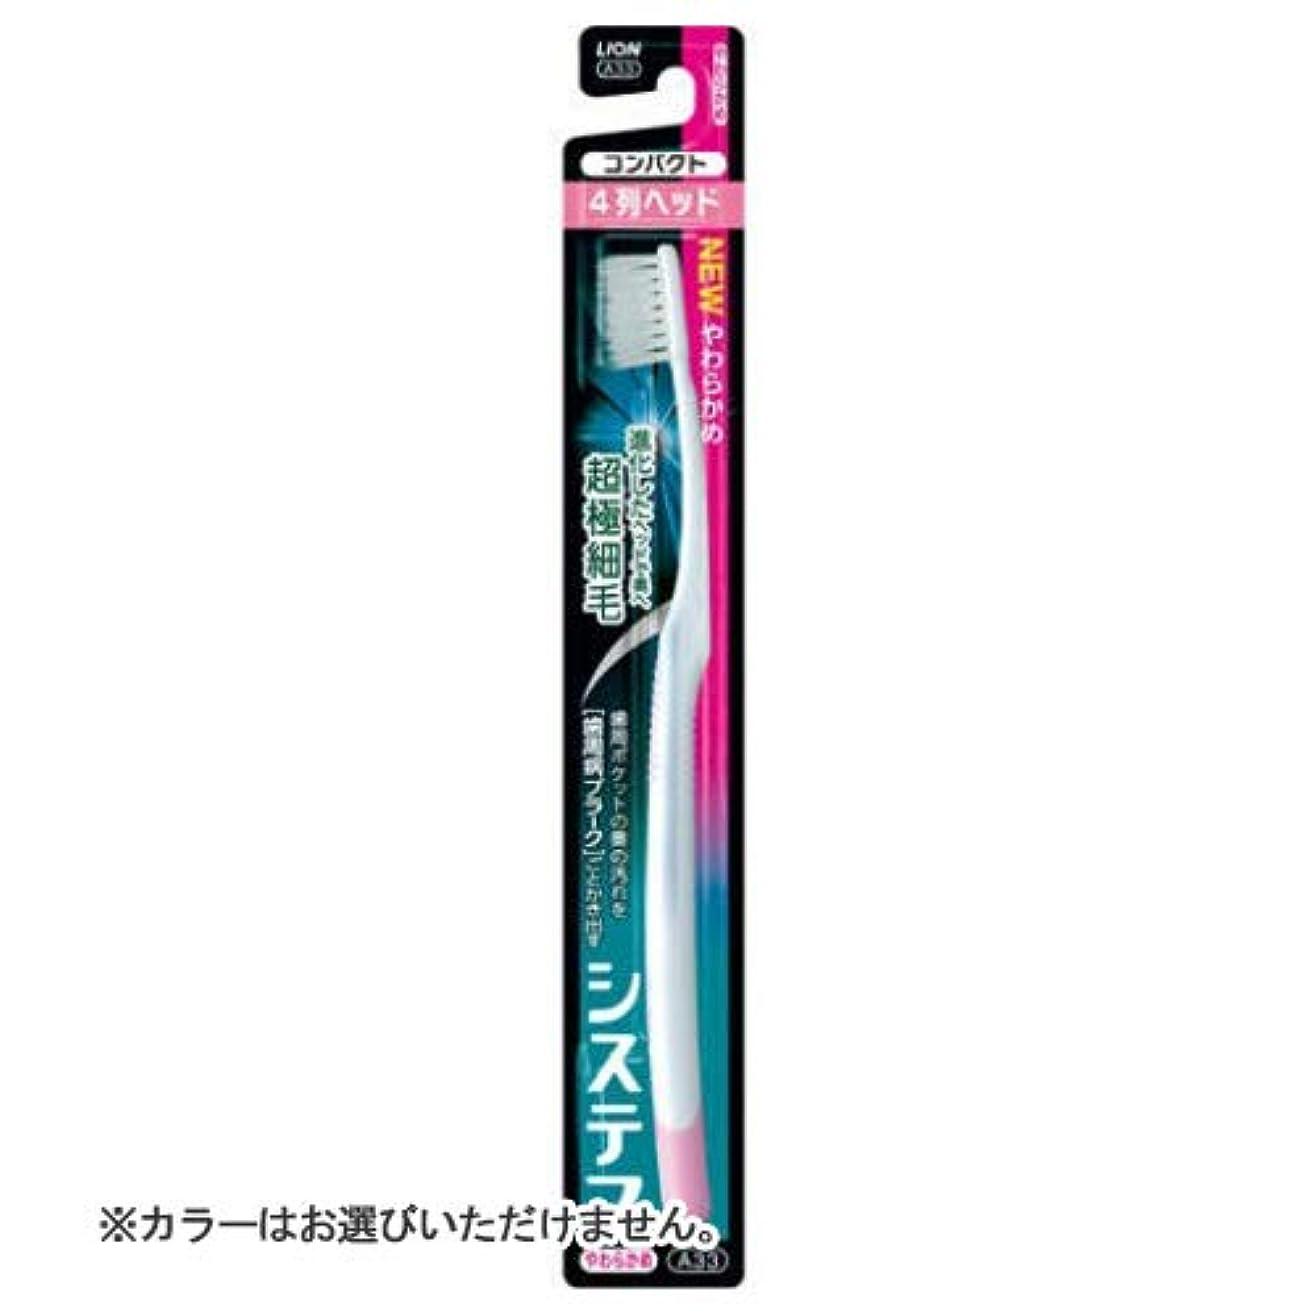 シャワー書く枯渇するライオン システマ ハブラシ コンパクト4列 やわらかめ (1本) 大人用 歯ブラシ